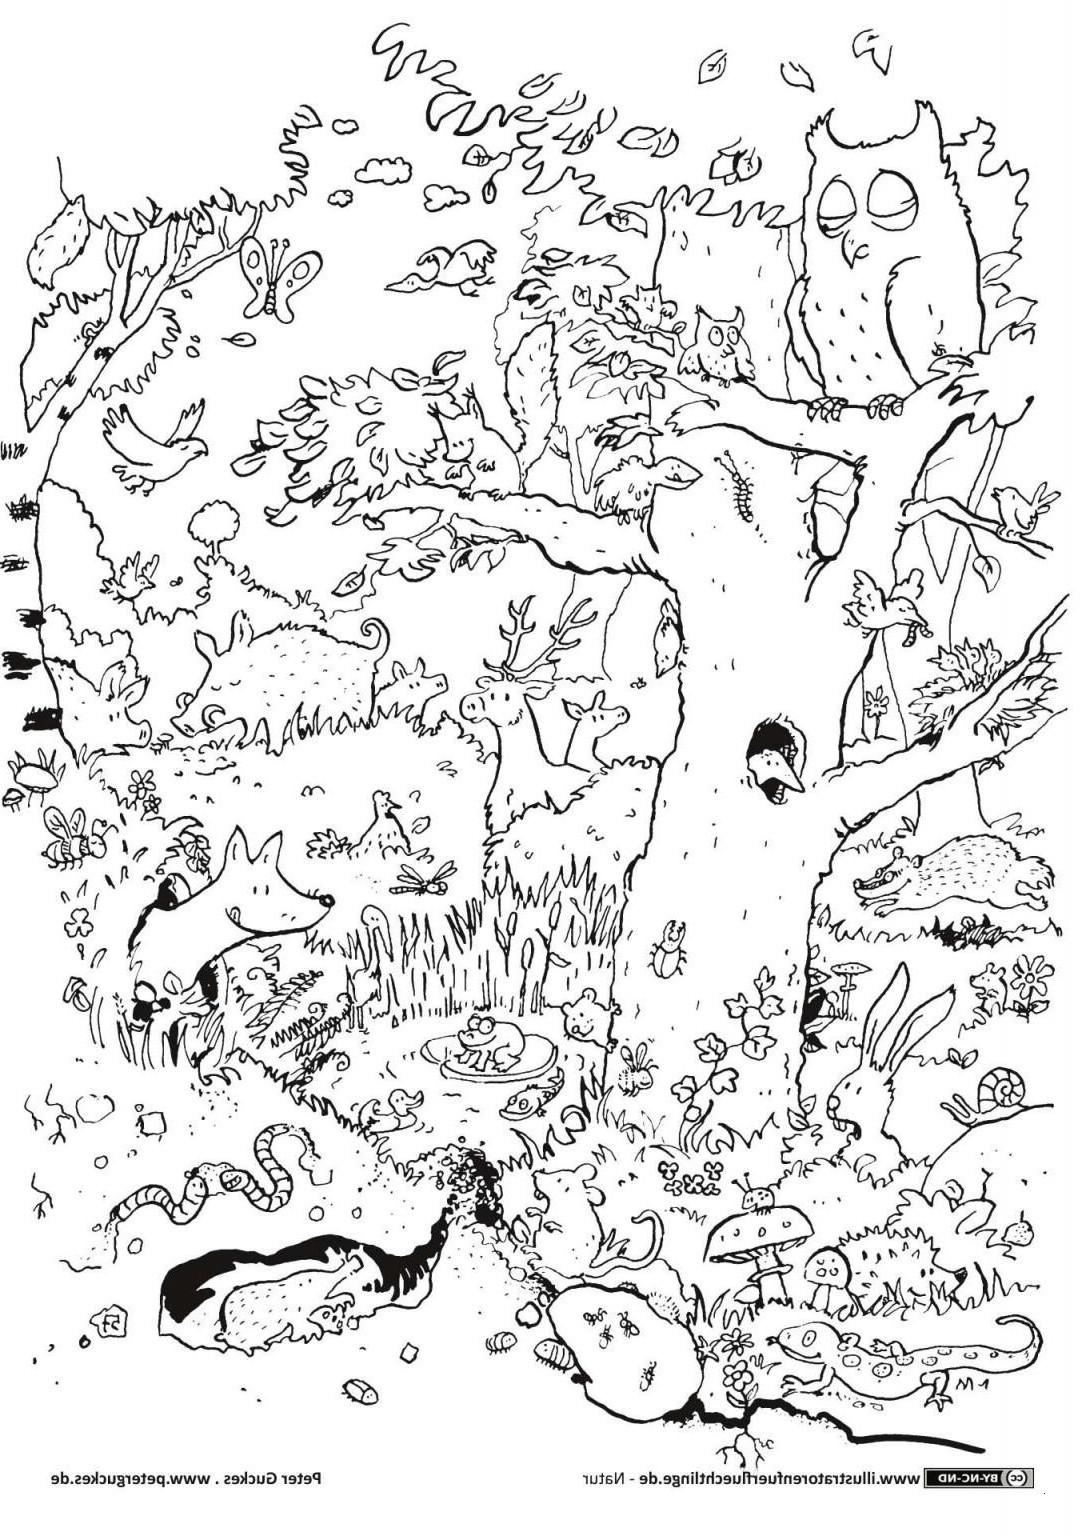 Ausmalbilder Von Ninjago Einzigartig 26 Fantastisch Ninjago Pythor Ausmalbilder – Malvorlagen Ideen Bilder